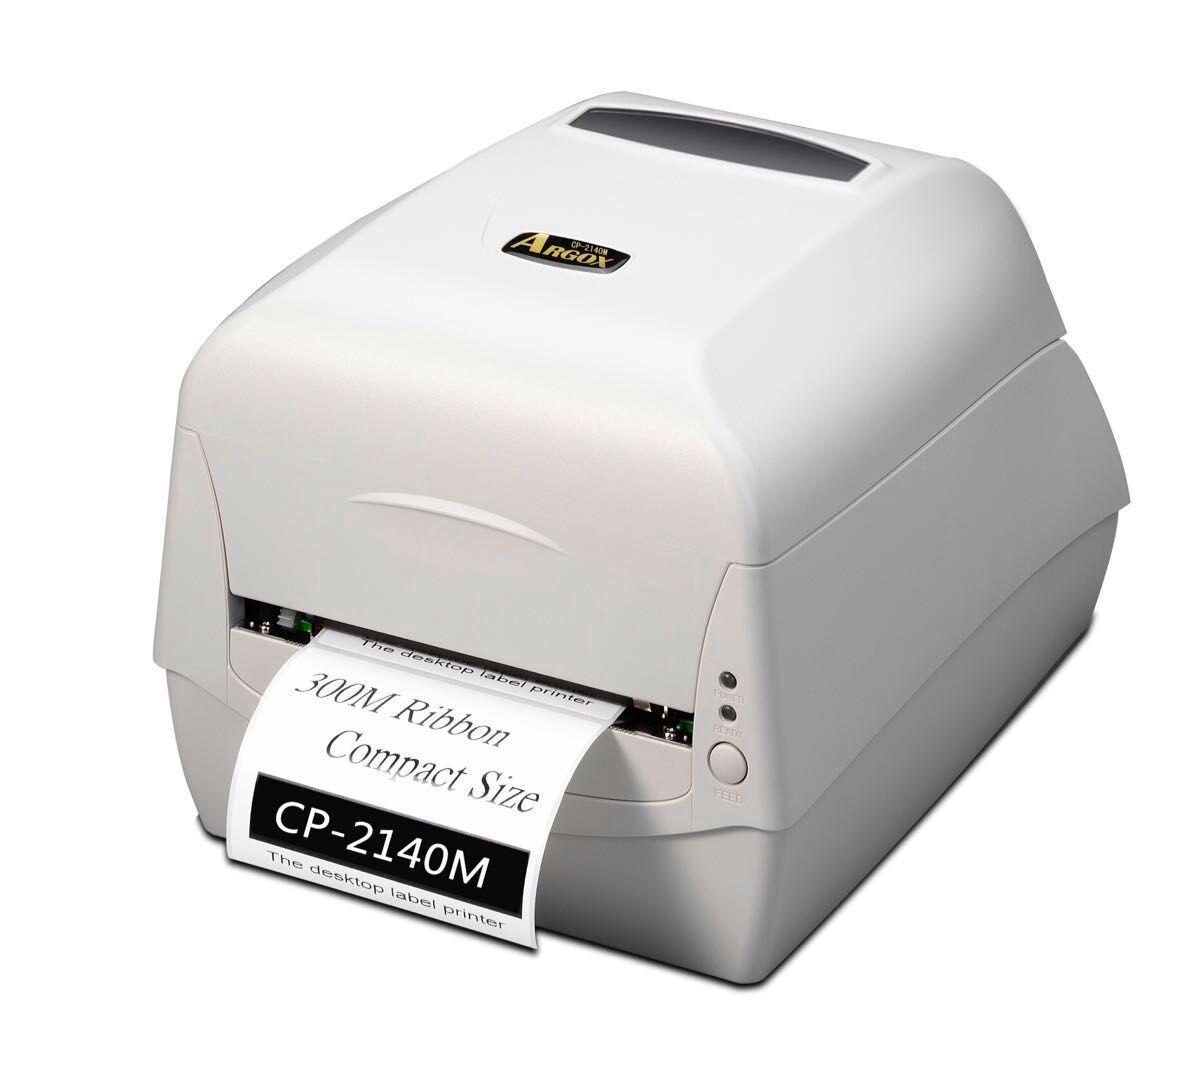 兰州小票打印机品牌